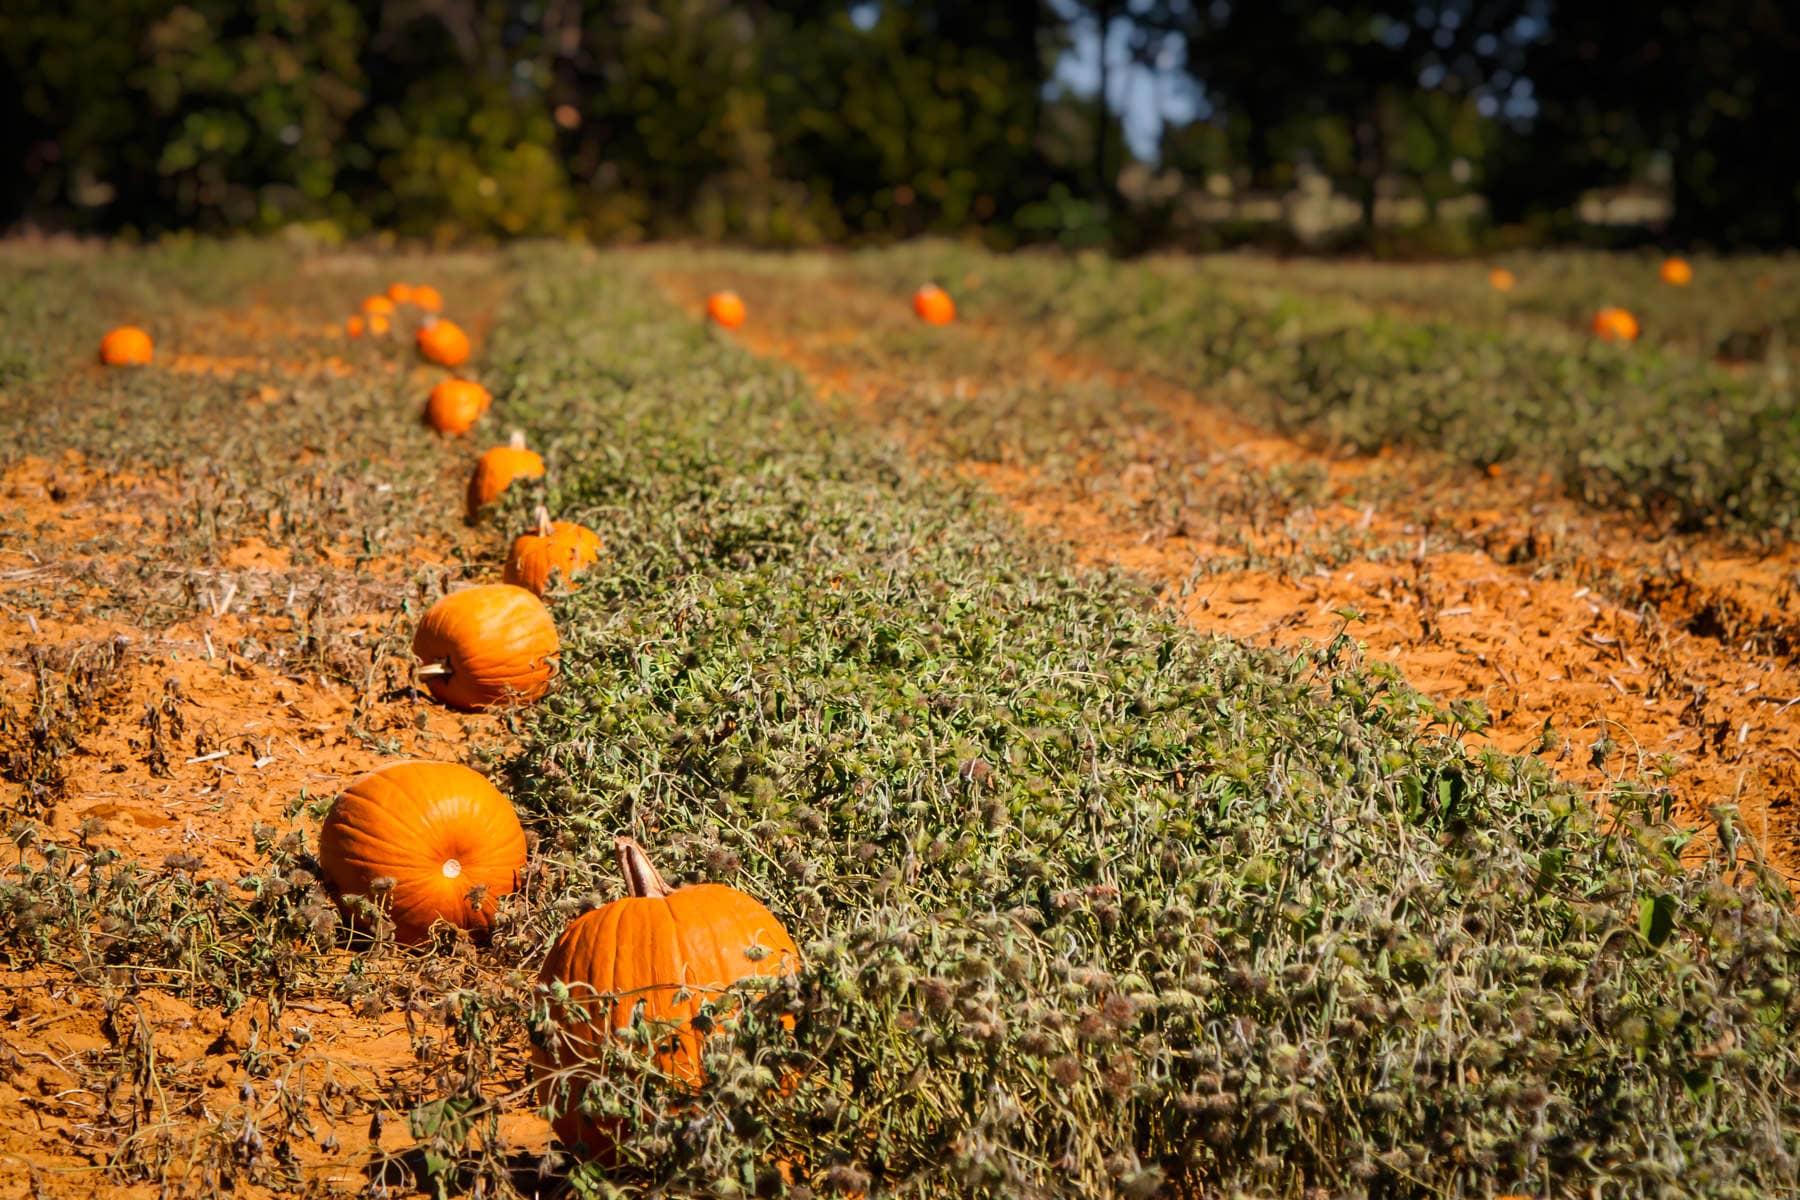 A seasonal pumpkin patch at Moore Farms, Bullard, Texas.